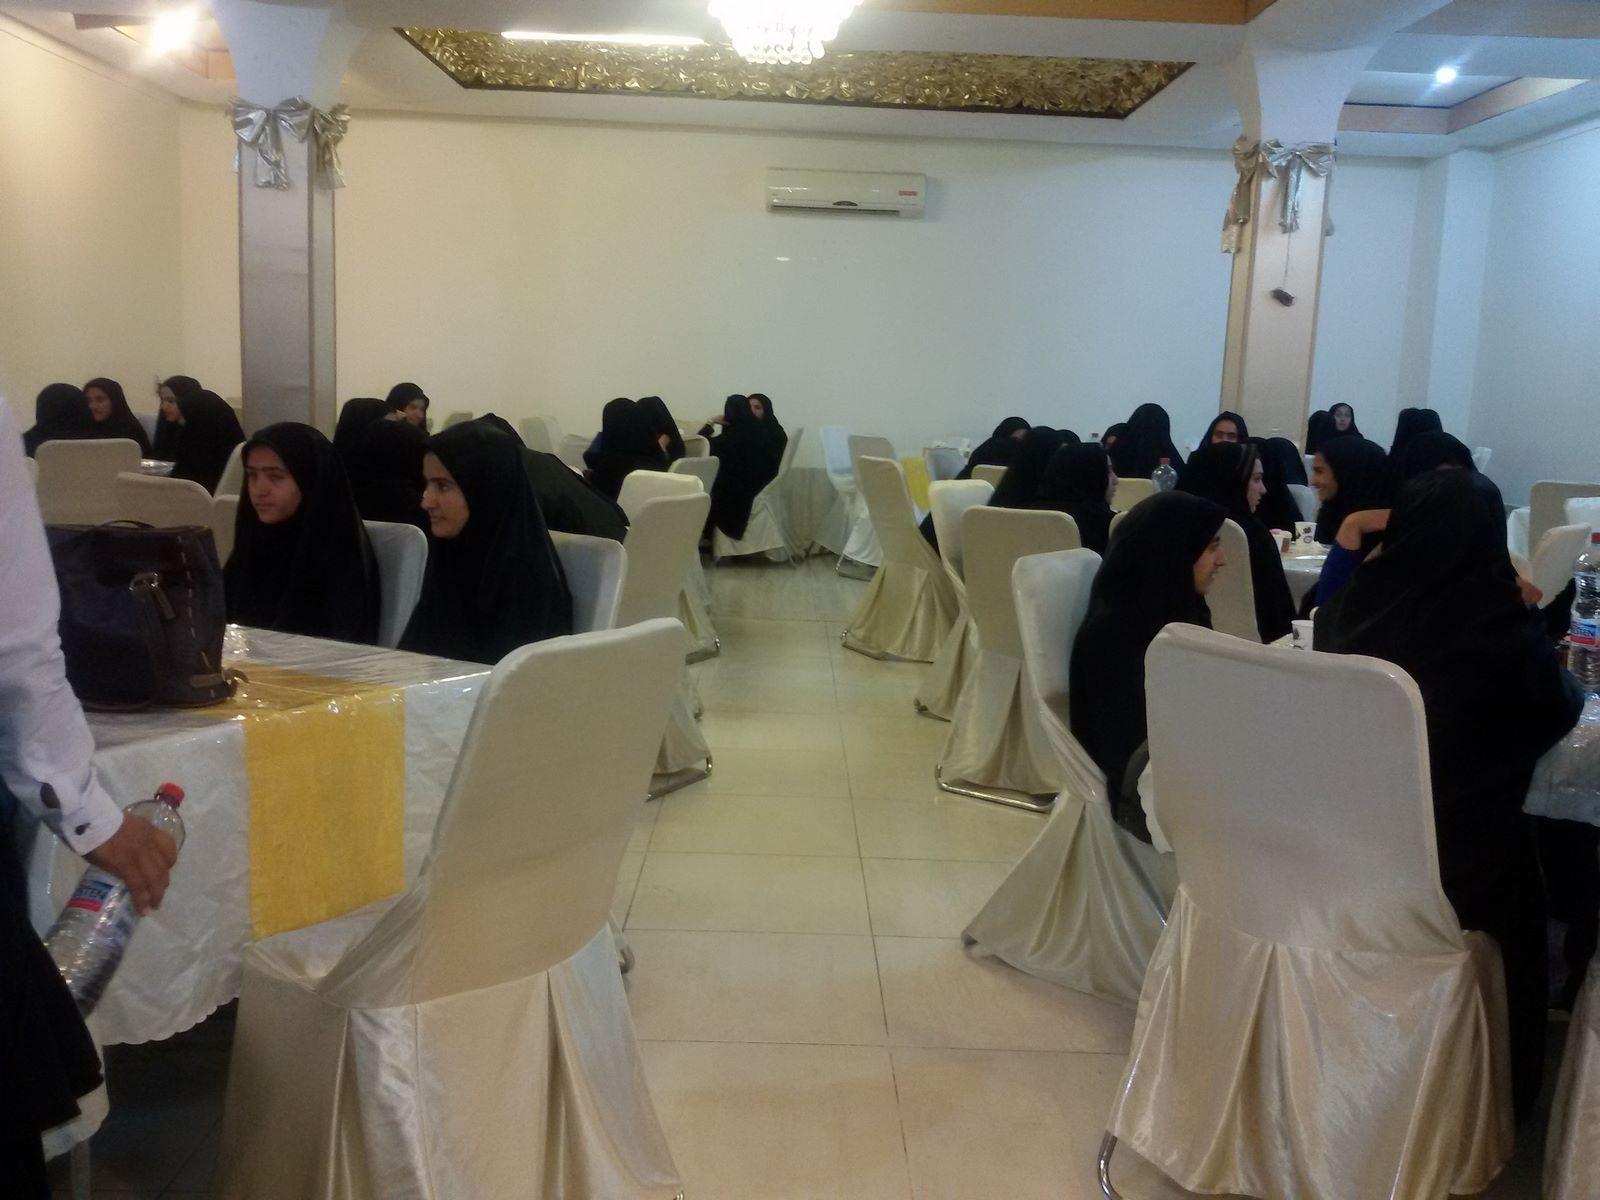 اطعام ۶۰دانش آموز در راستای طرح اکرام حسینی و اطعام حسینی بمناسبت ماه محرم